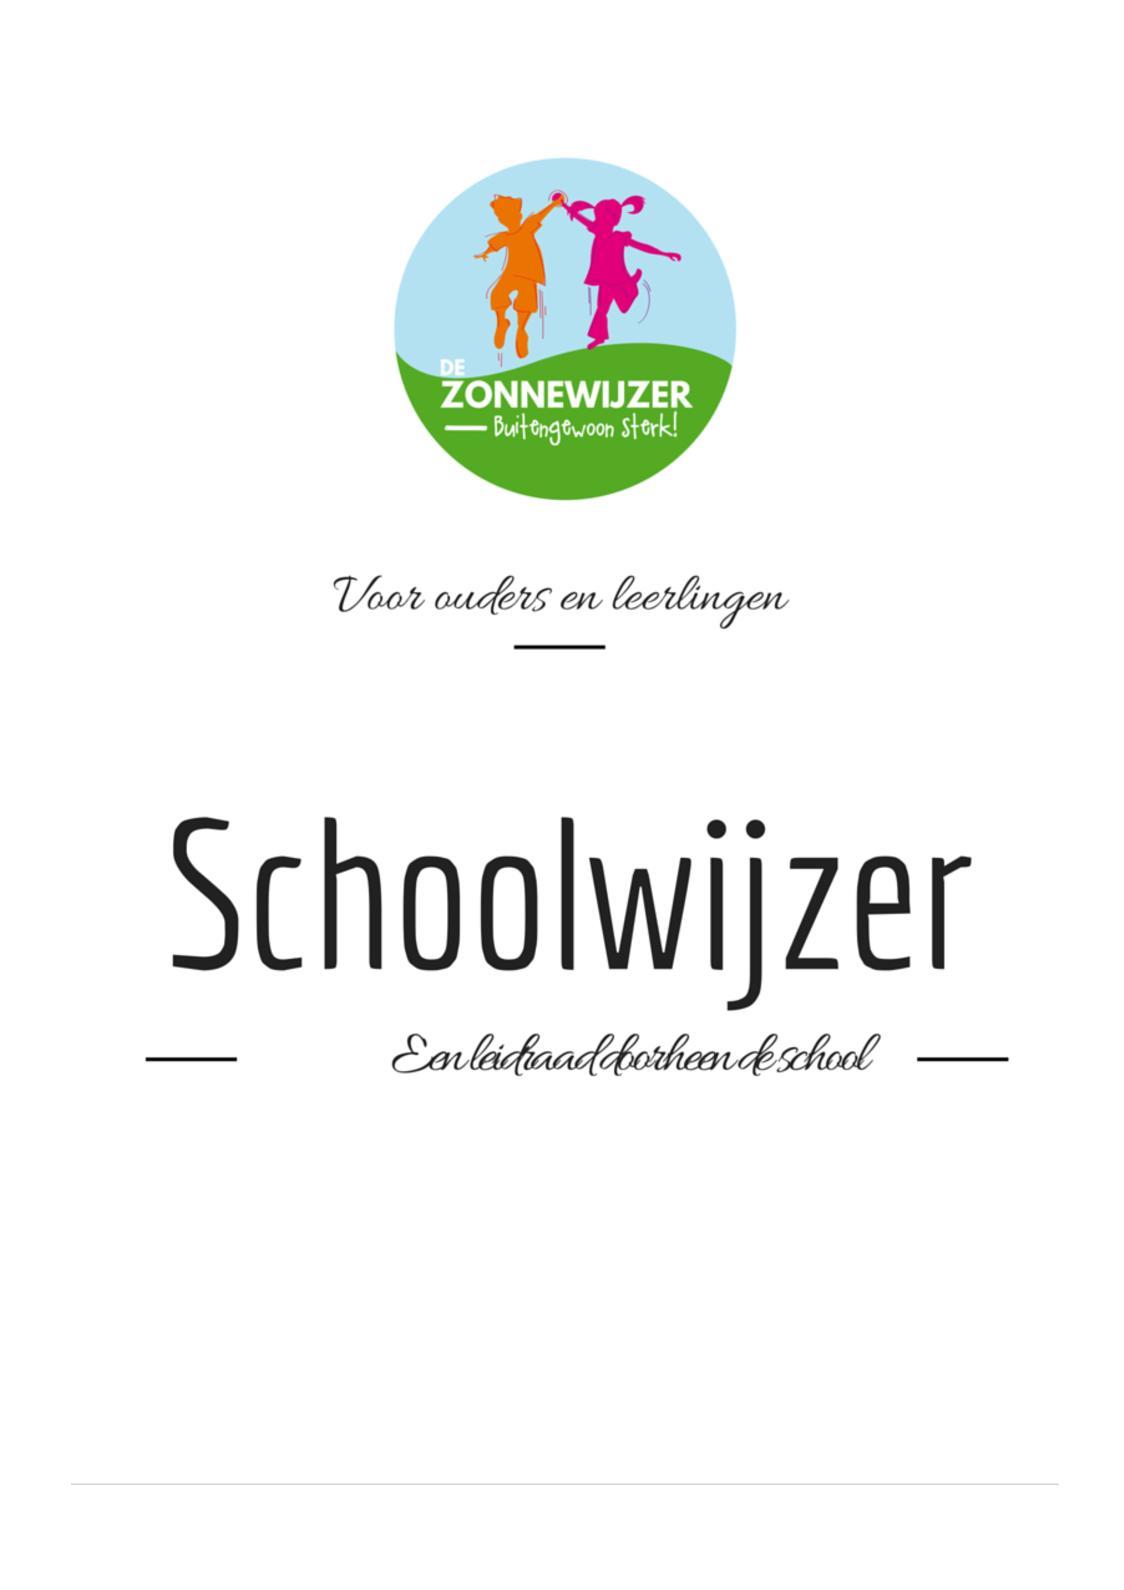 Schoolwijzer